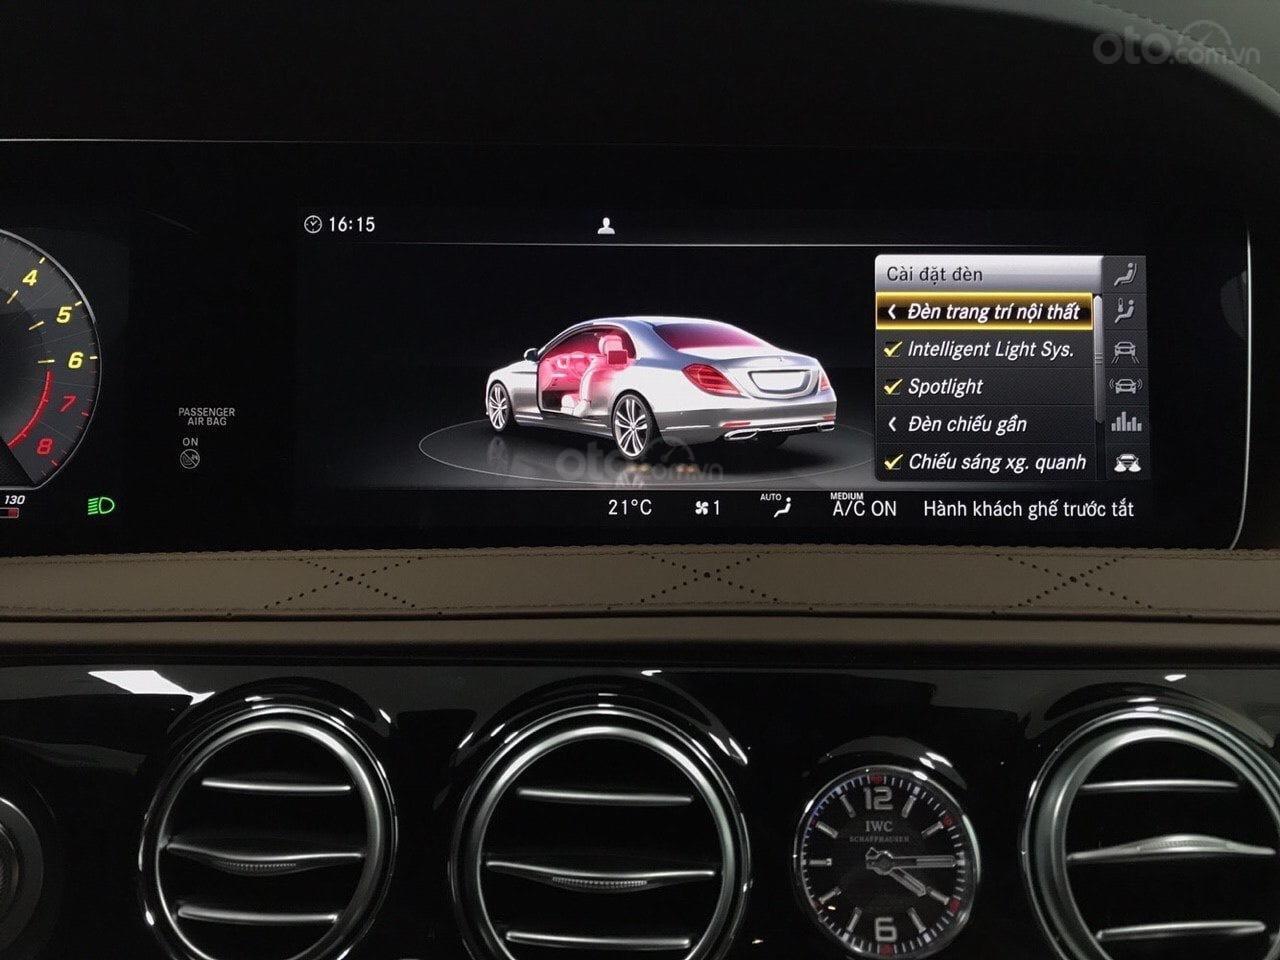 Bán Mercedes-Maybach S450 2020 hoàn toàn mới, galang mới, xe giao ngay tháng 02/2020 (9)